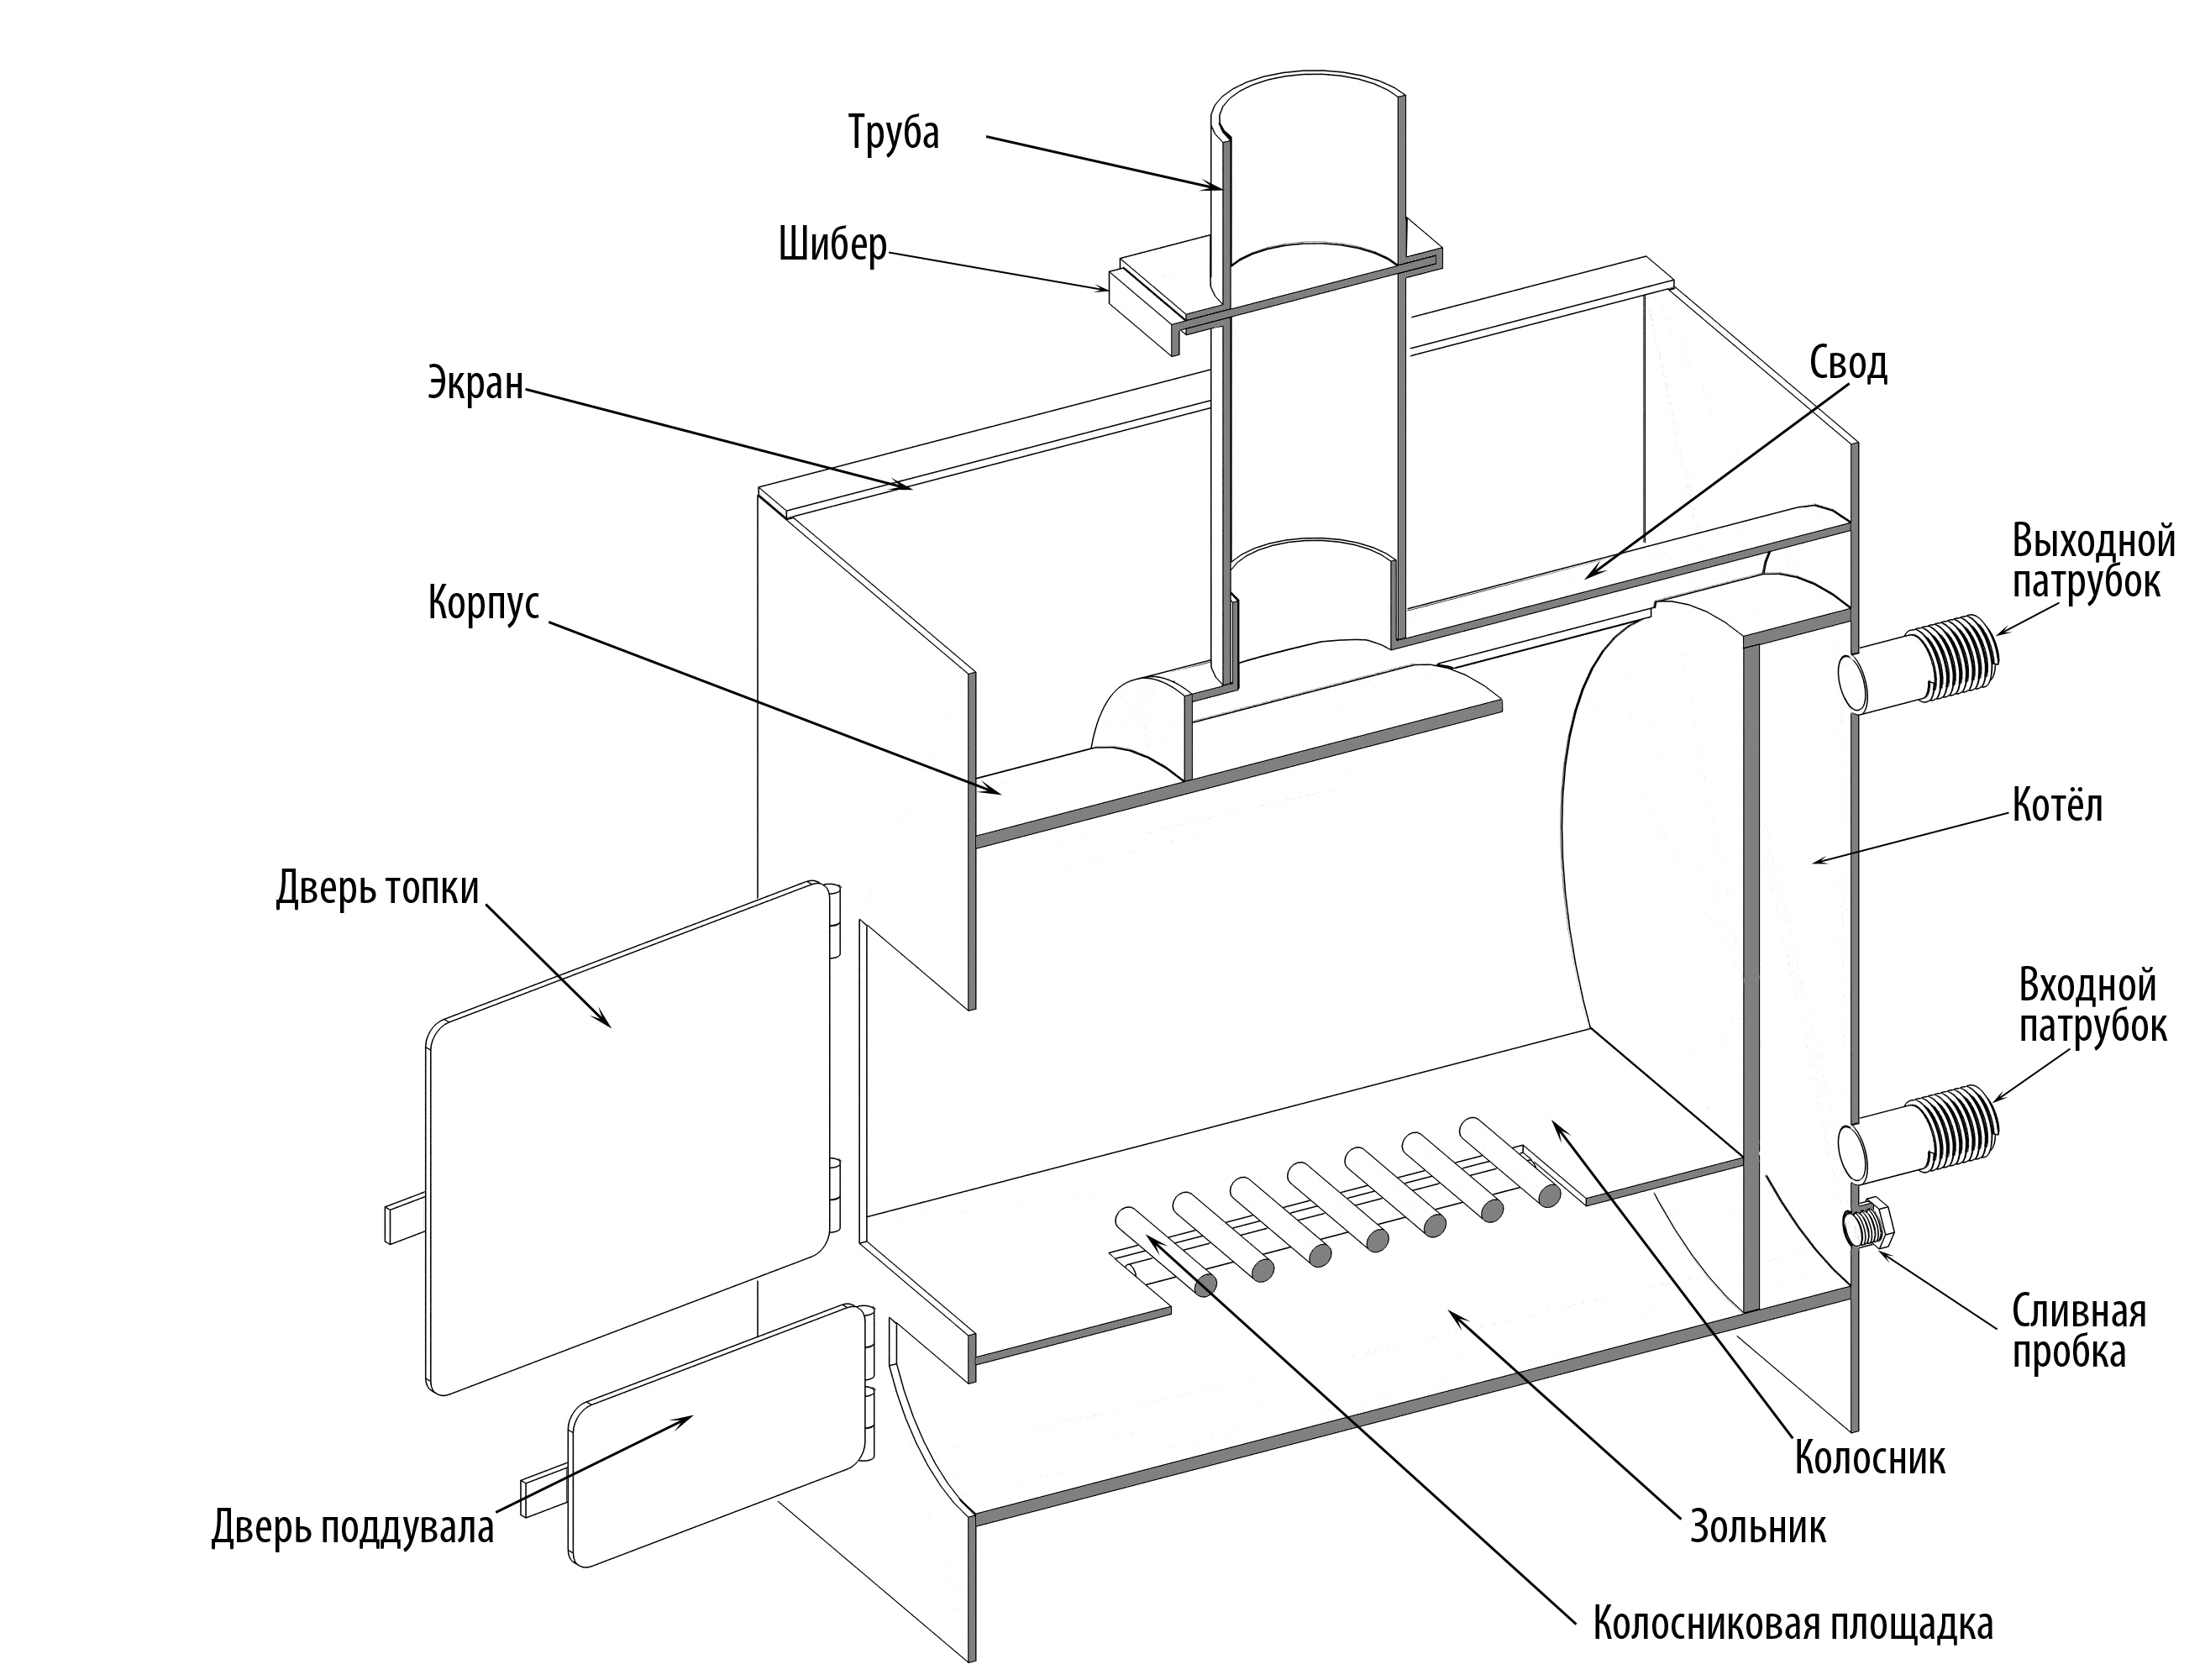 Конструкции банных печей из металла своими руками